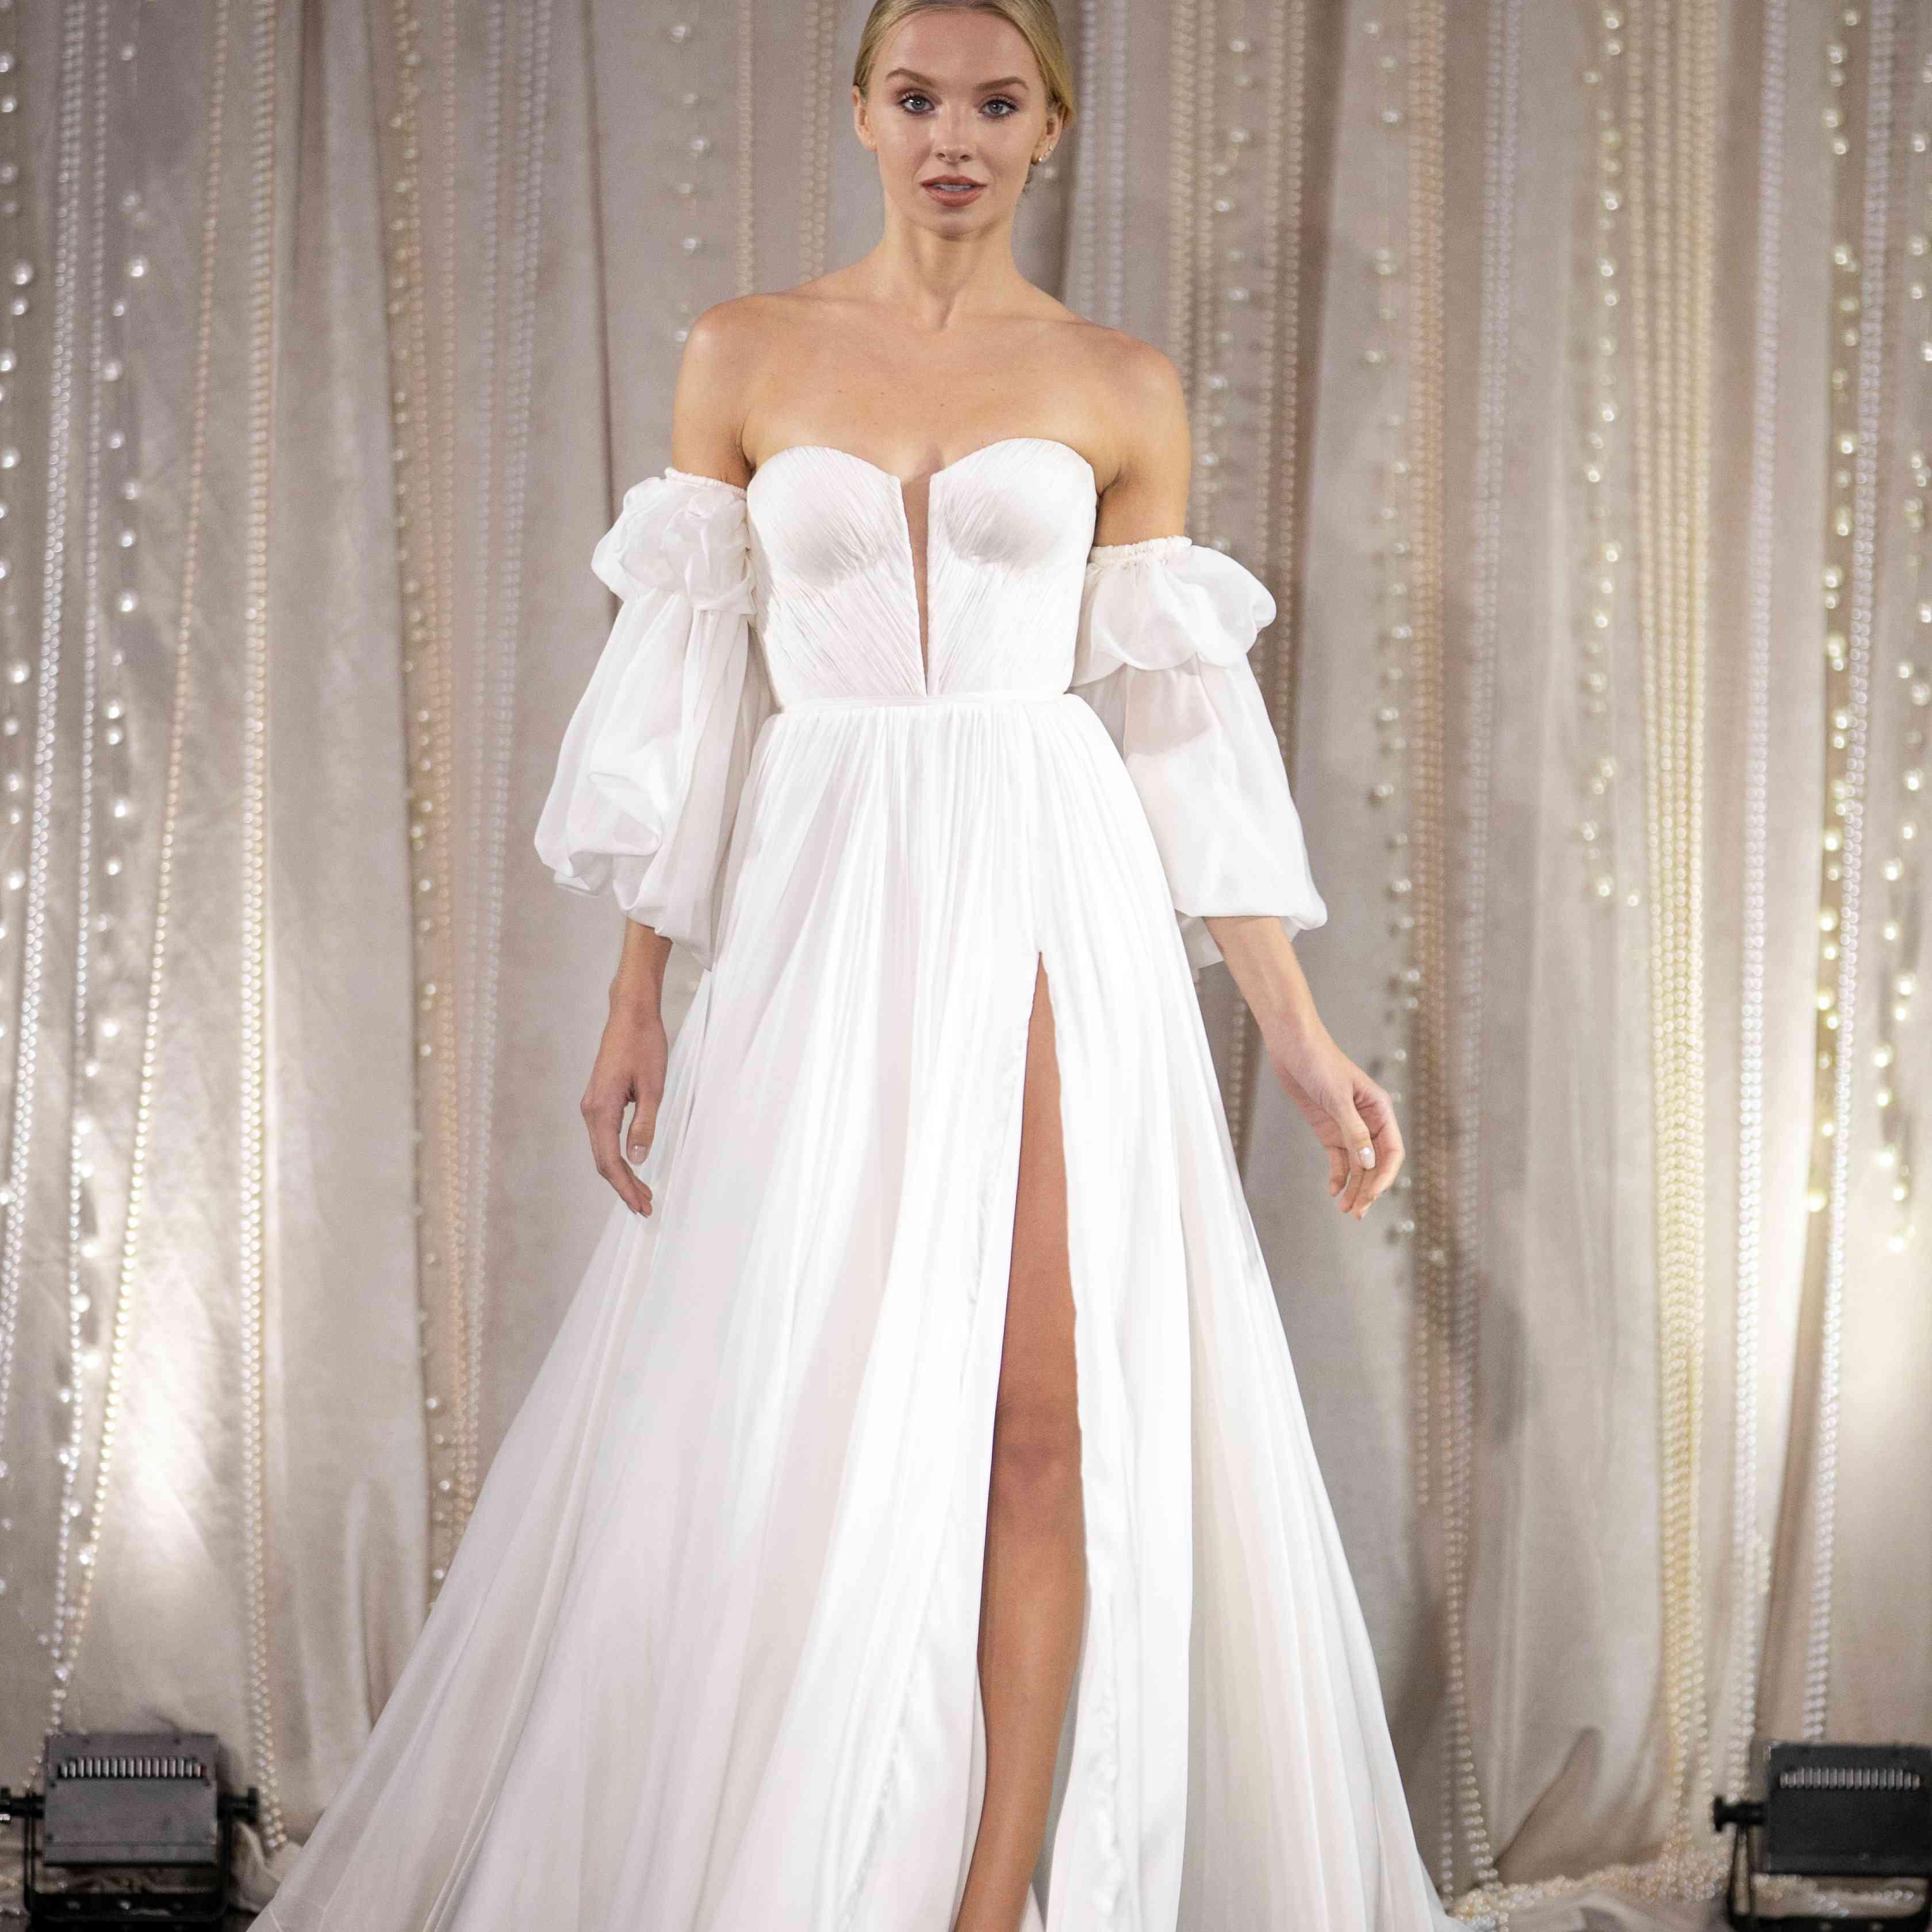 Model in off-the-shoulder A-line wedding dress